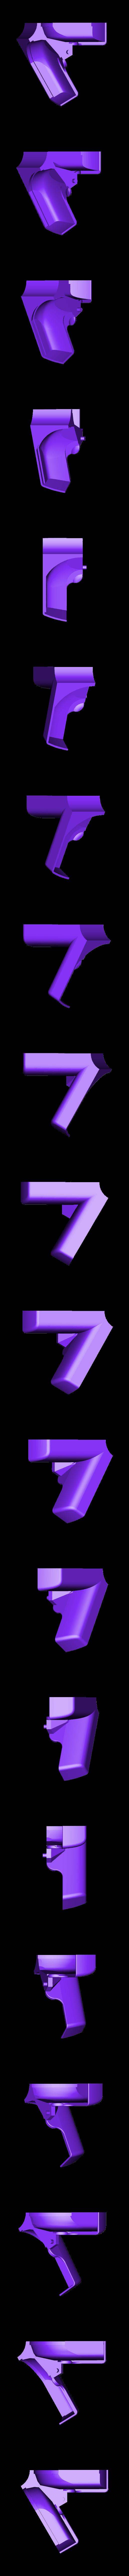 DC_base.STL Télécharger fichier STL gratuit Dolce Gusto porte-capsules • Modèle pour impression 3D, Yipham